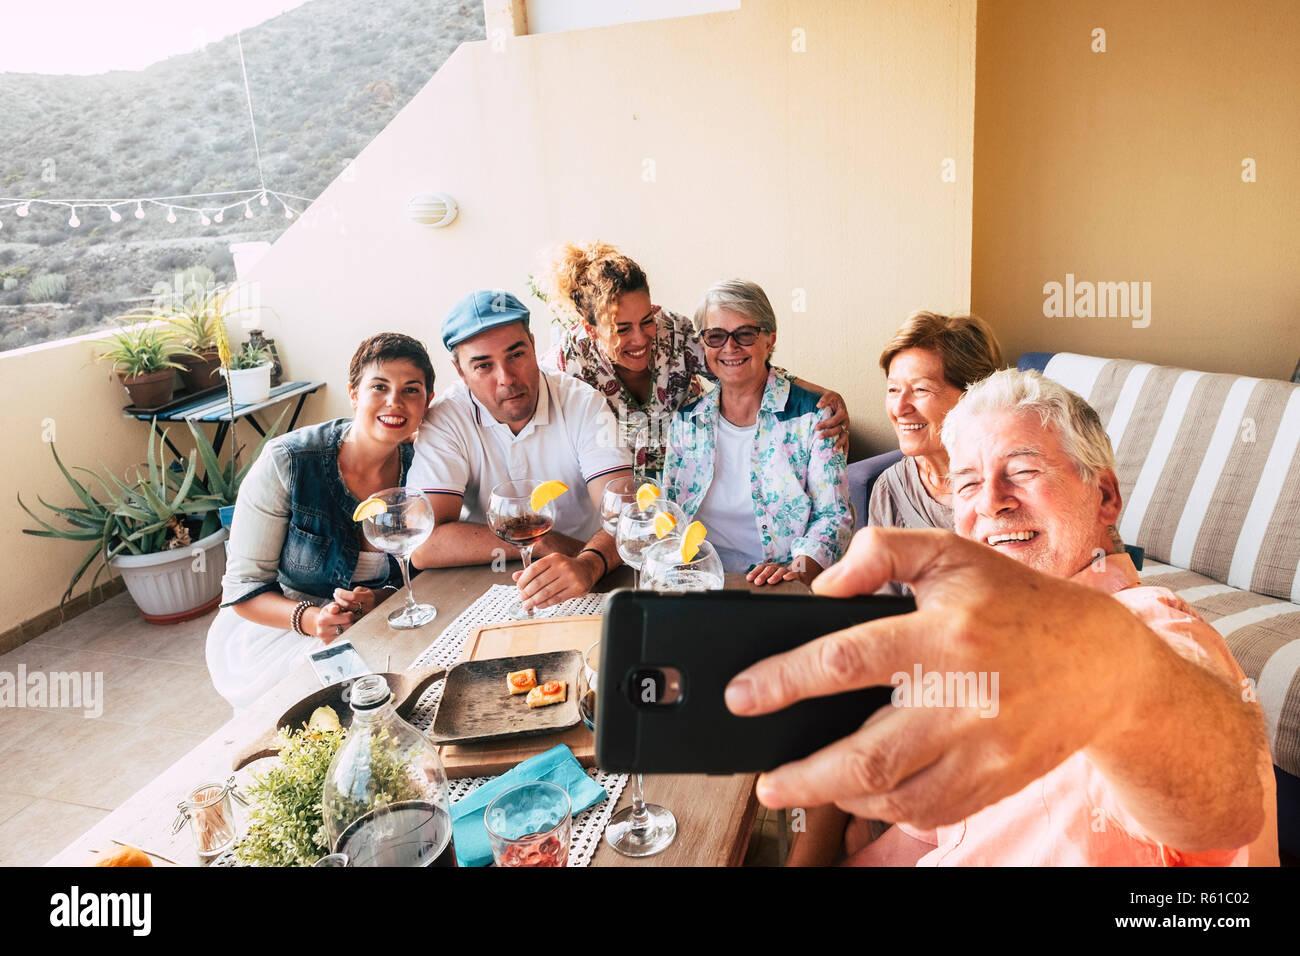 Un Grupo De Amigos Divertirse Juntos Celebrar Y Comer En